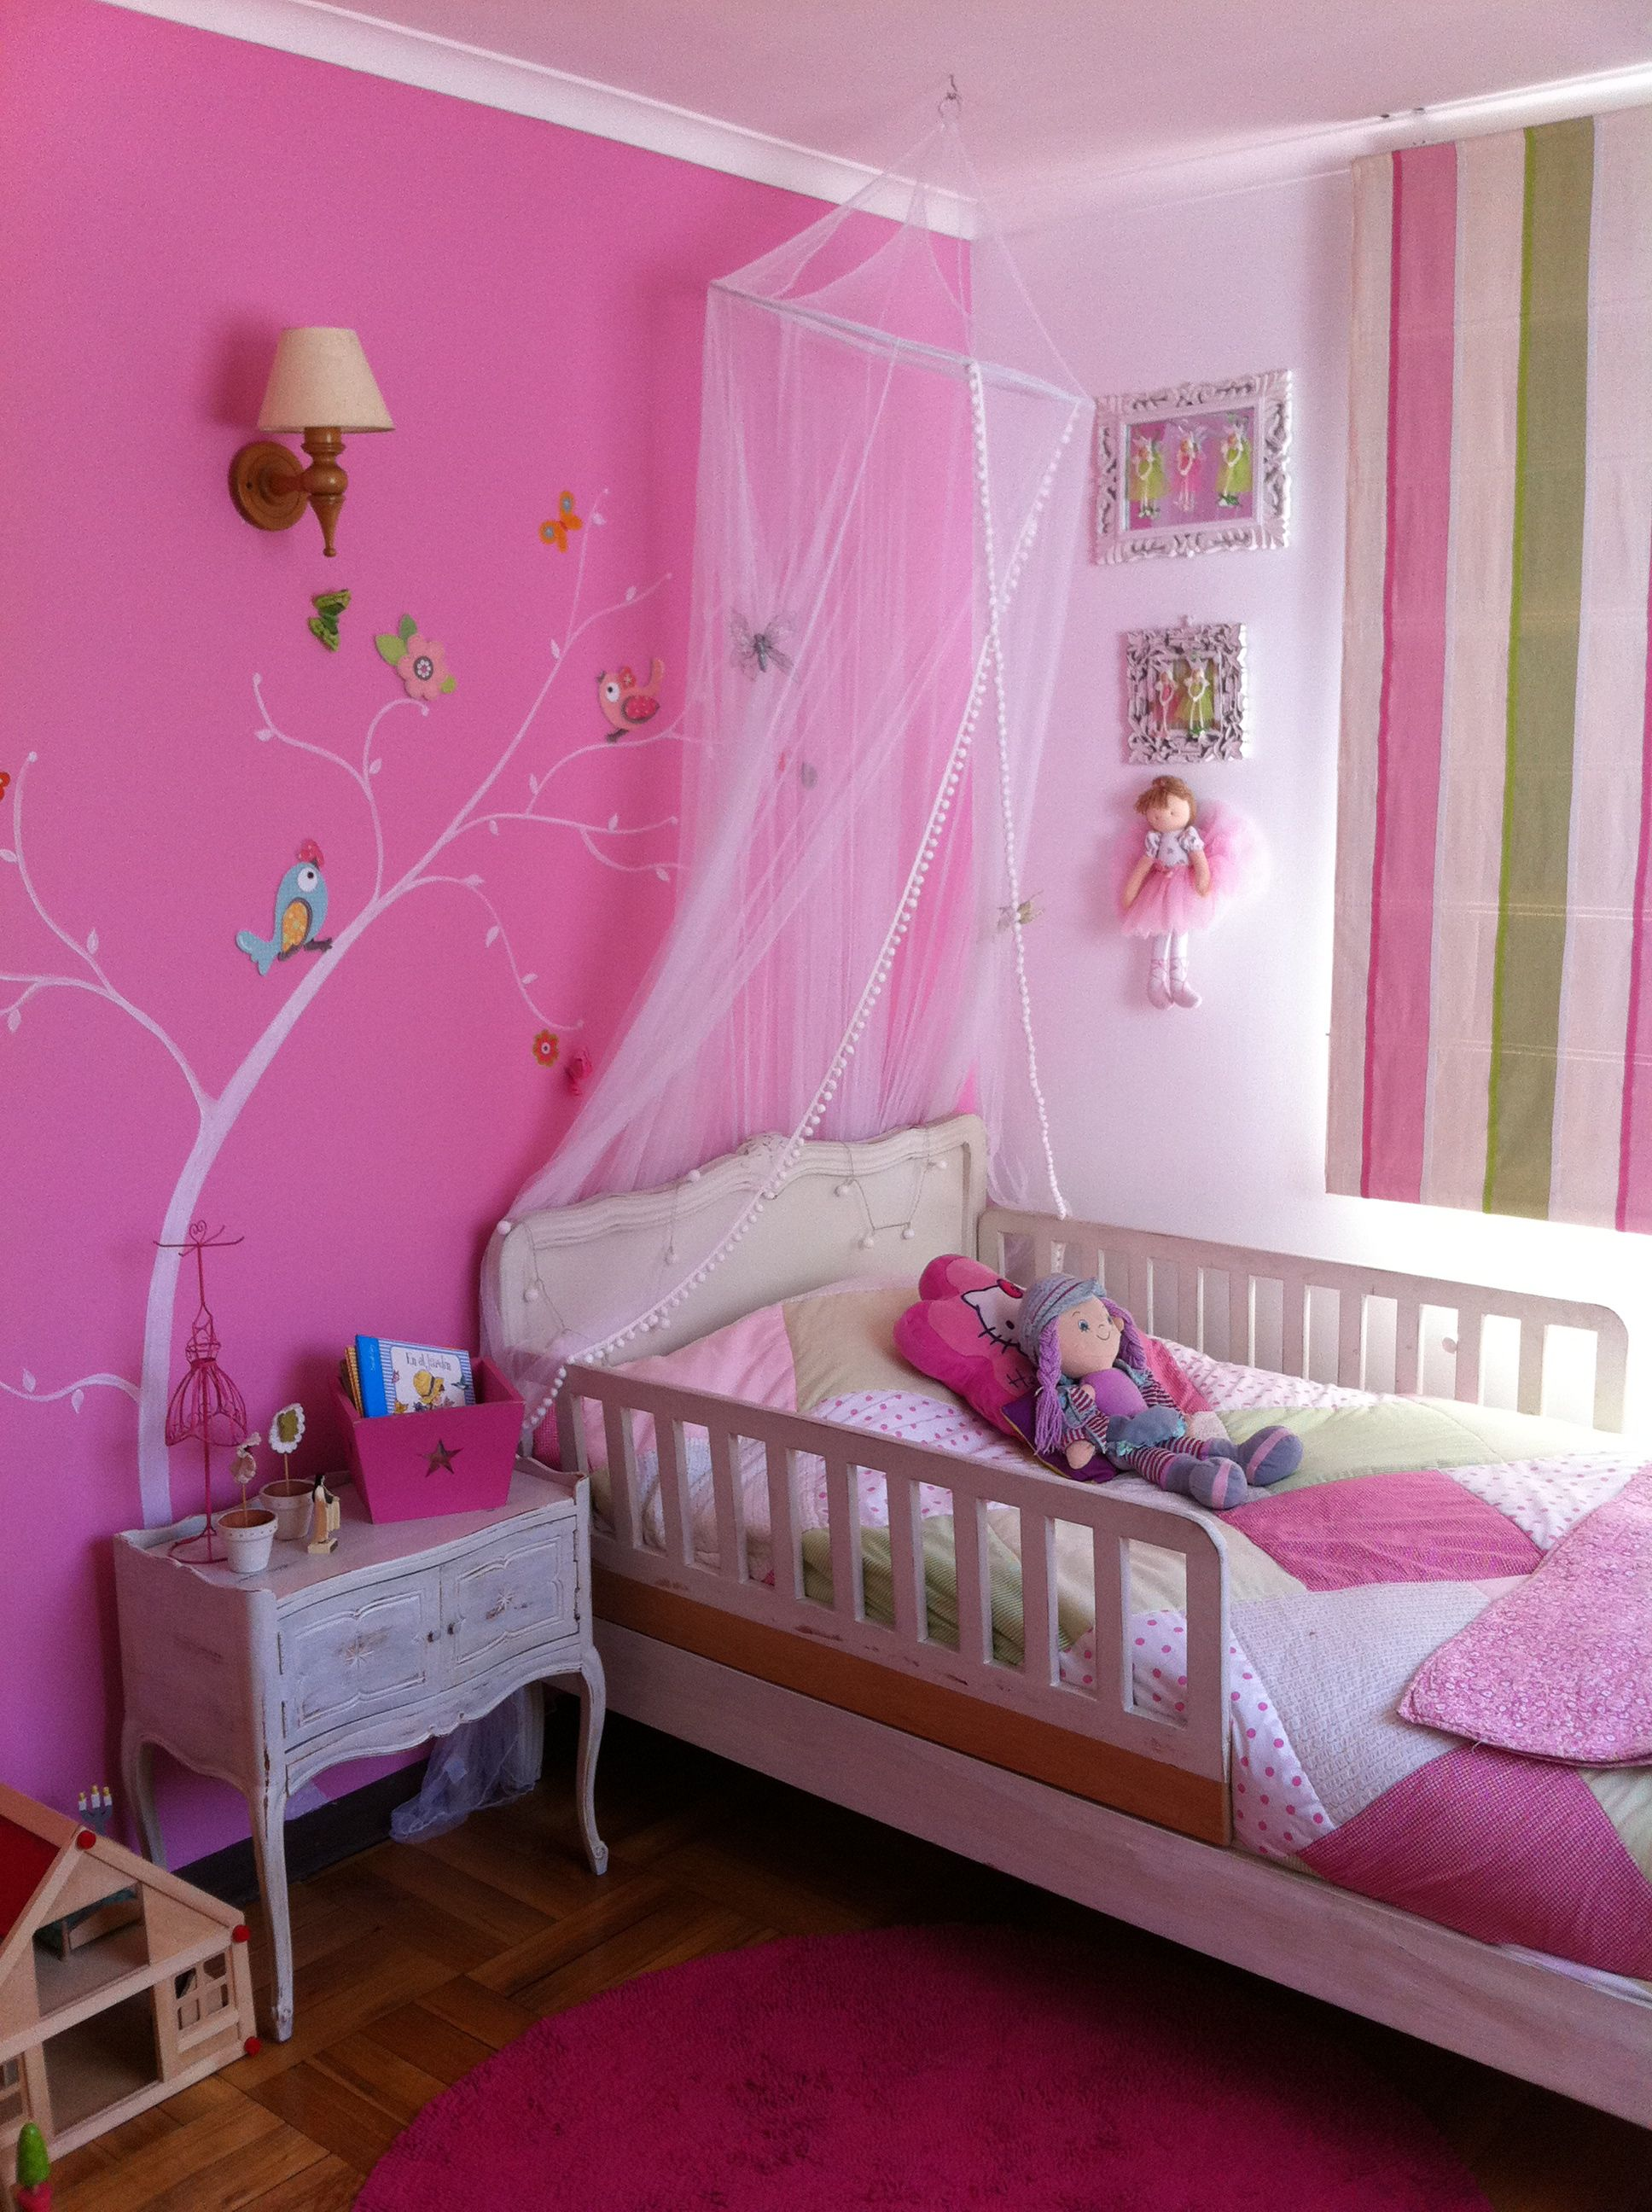 Dormitorio ni as para beb pinterest dormitorios - Dormitorios bebe nina ...